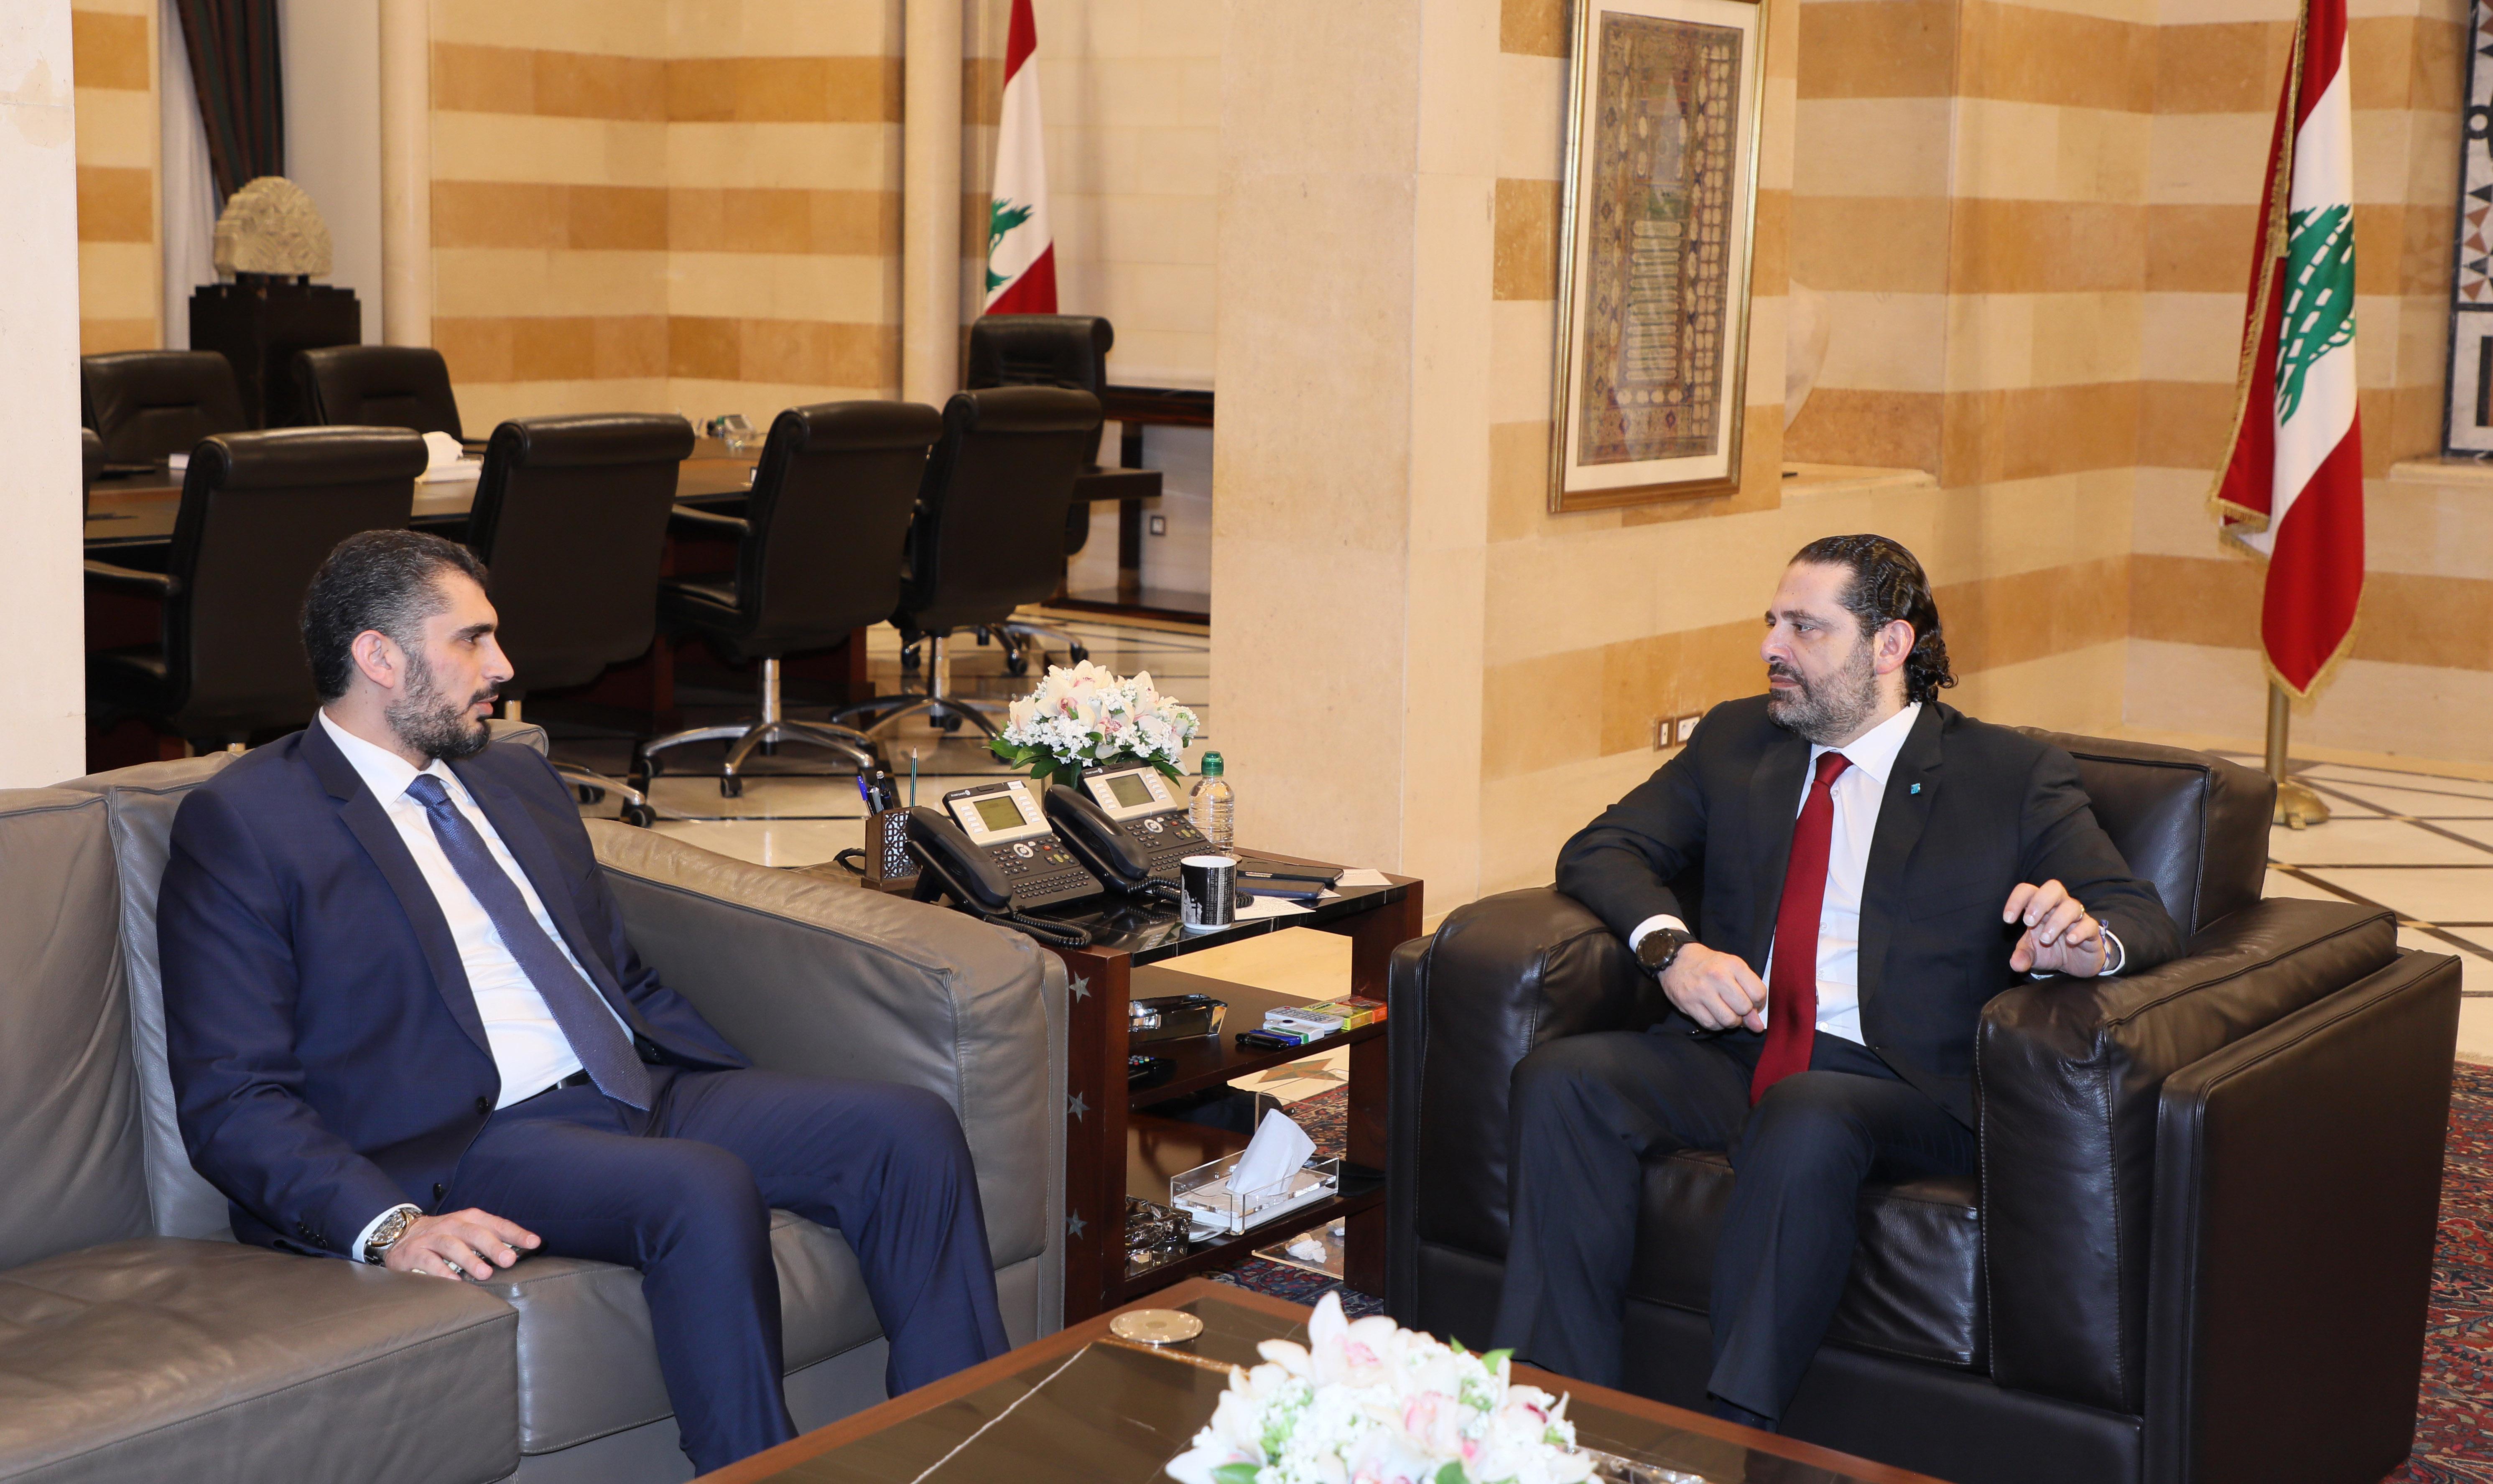 Pr Minister Saad Hariri meets Mr Khaled Zoghbi